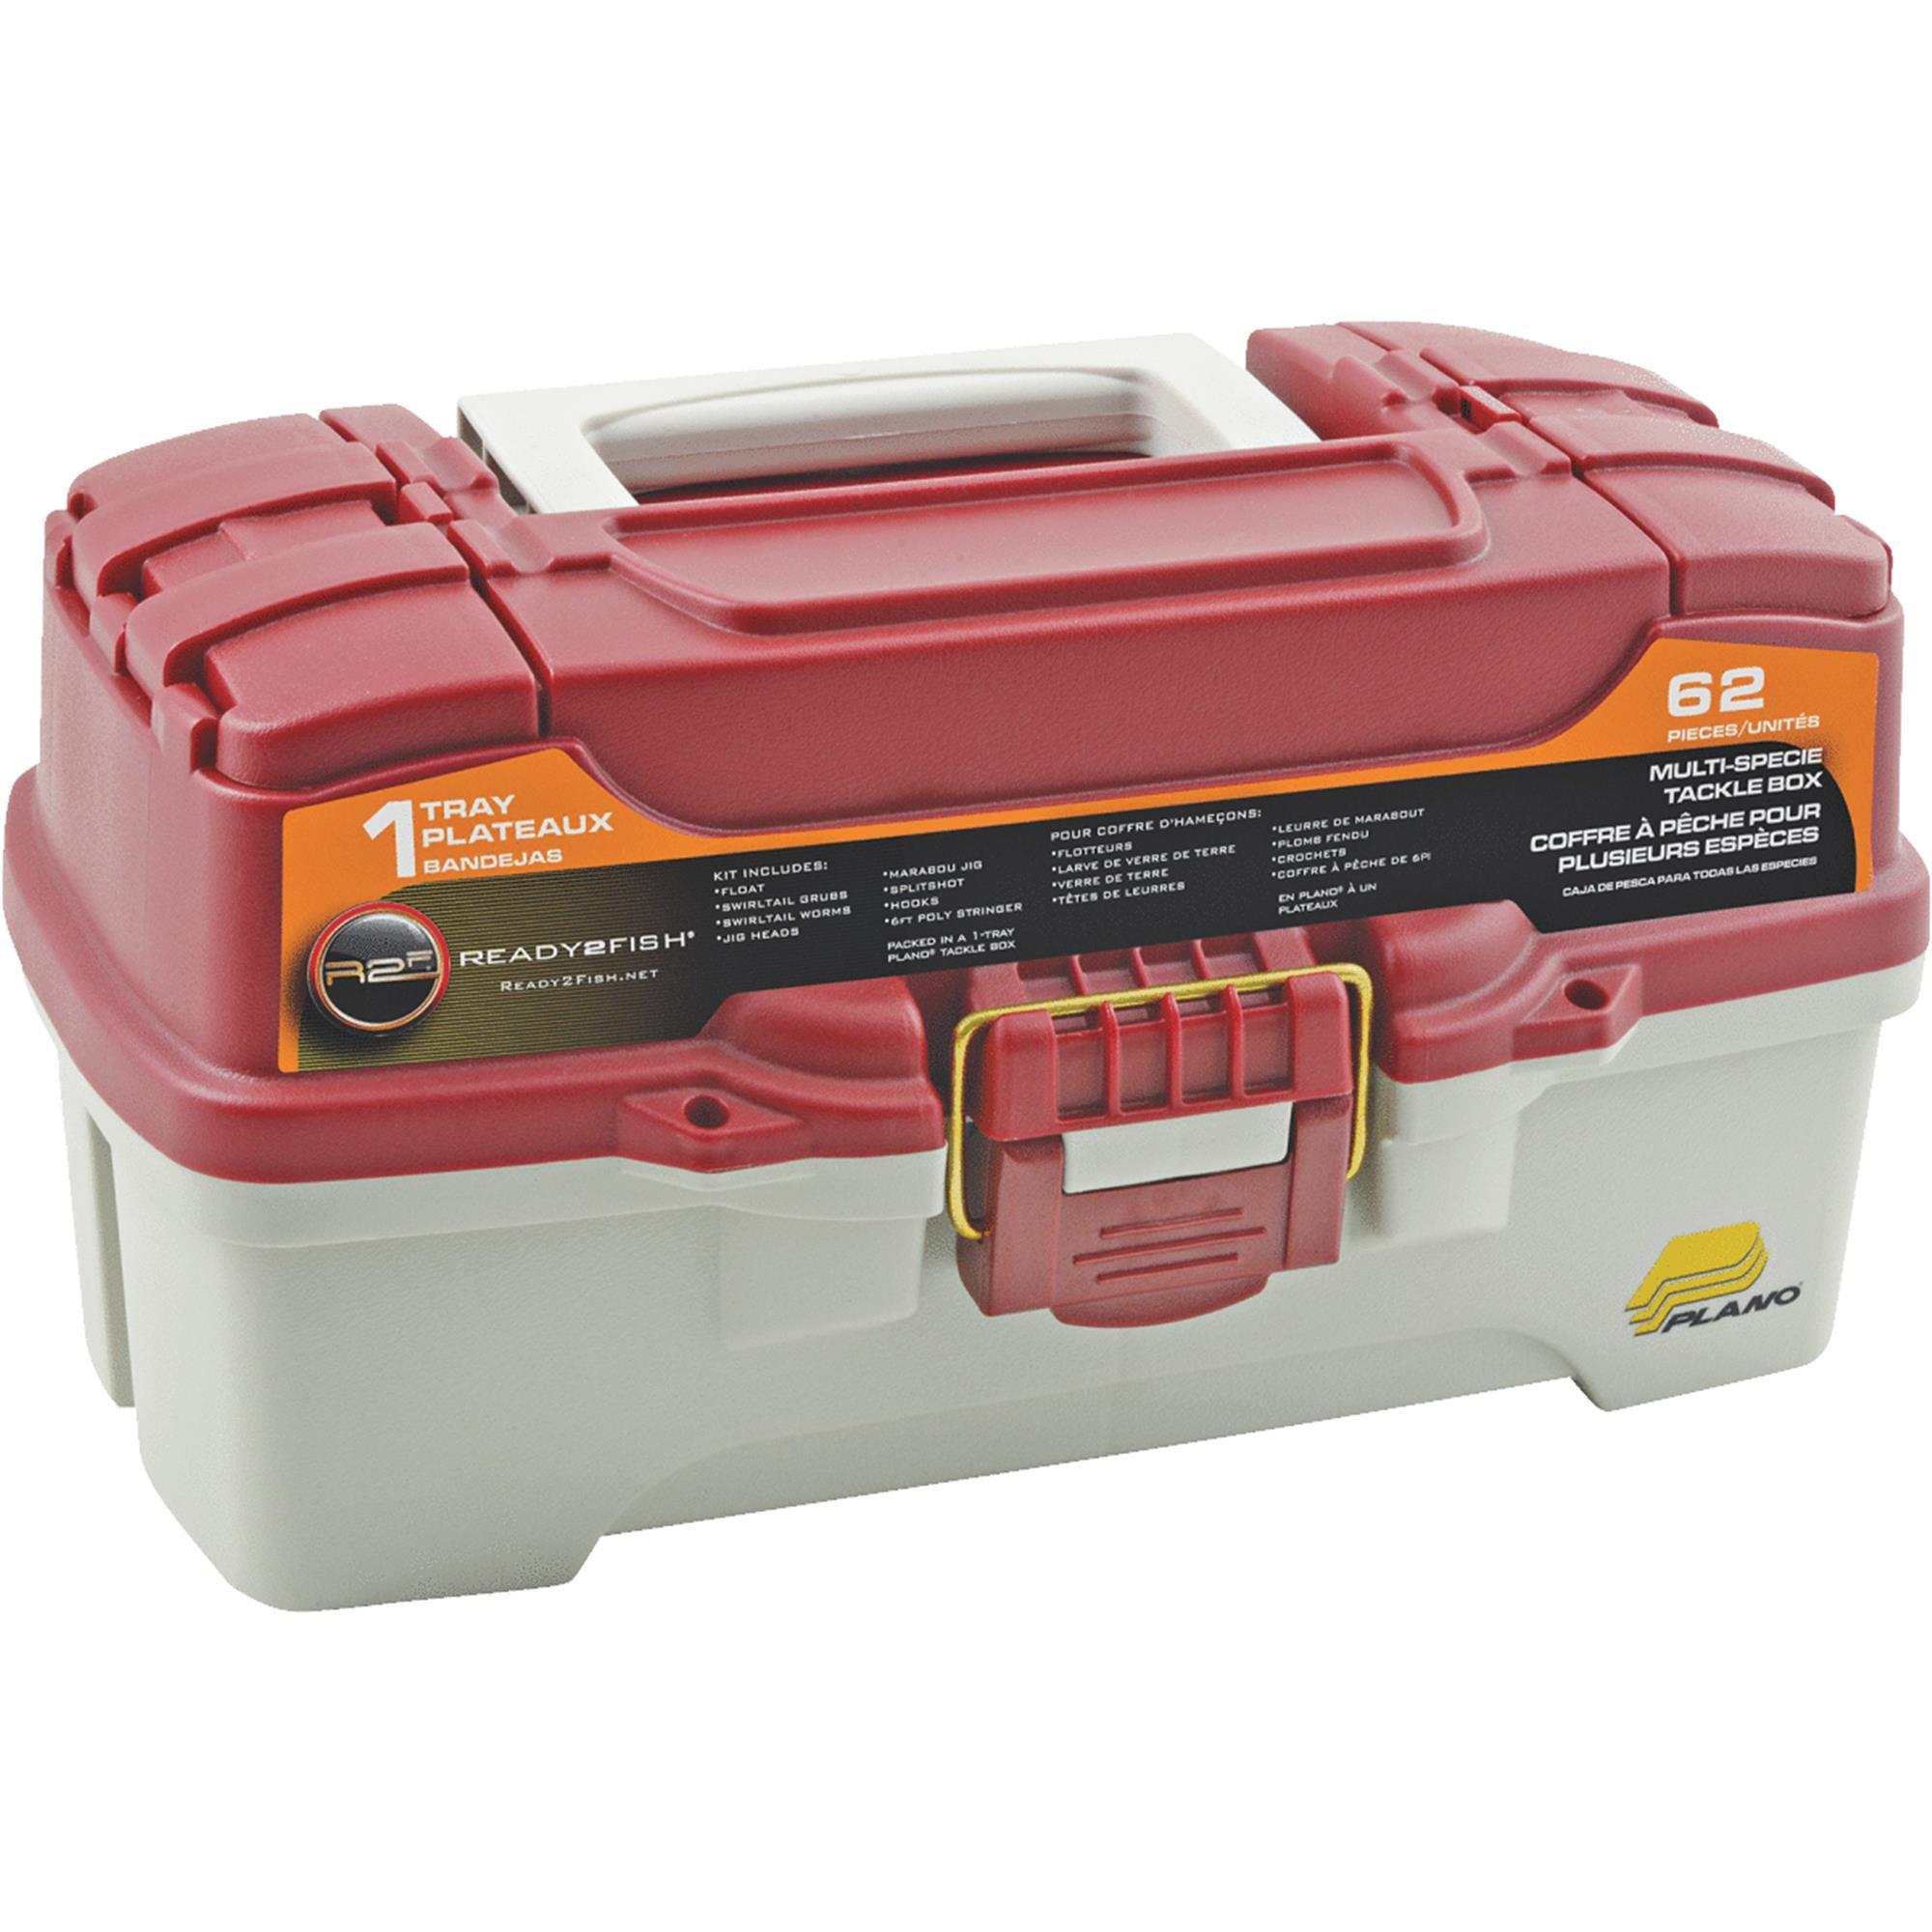 Ready 2 Fish 62-Piece 1-Tray Tackle Box by Ready 2 Fish